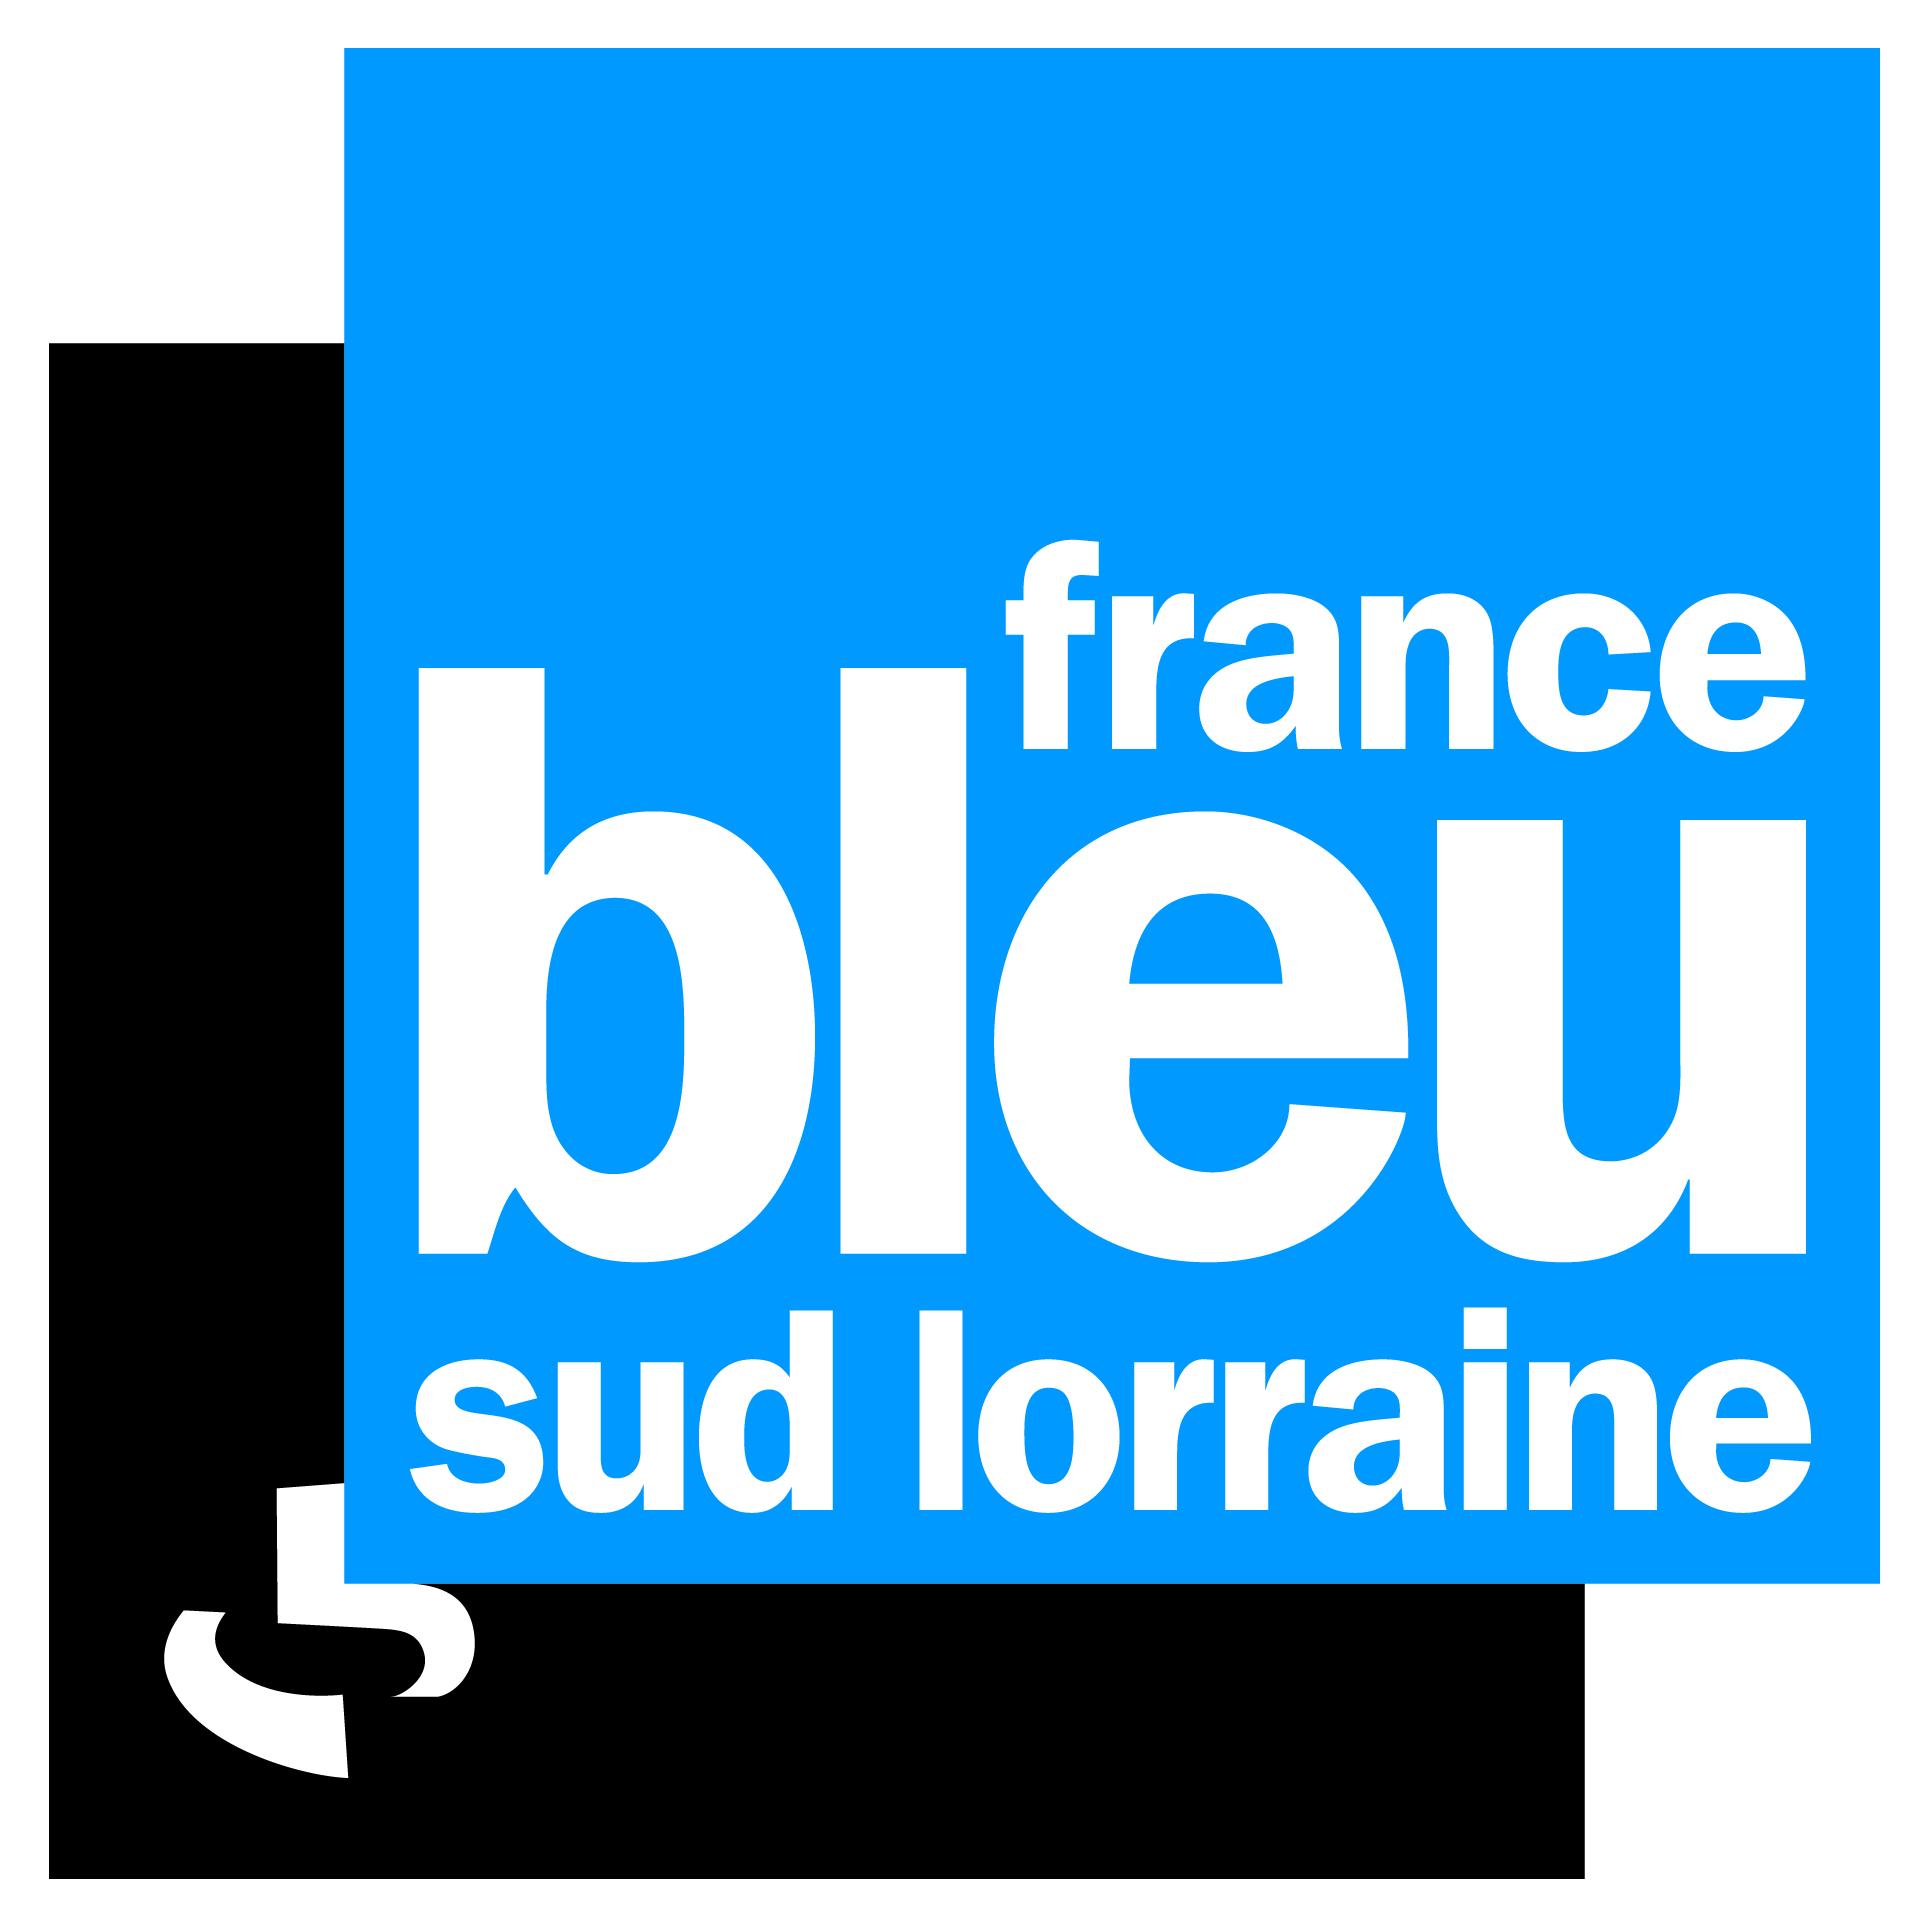 FB-SudLorraine-f2.eps